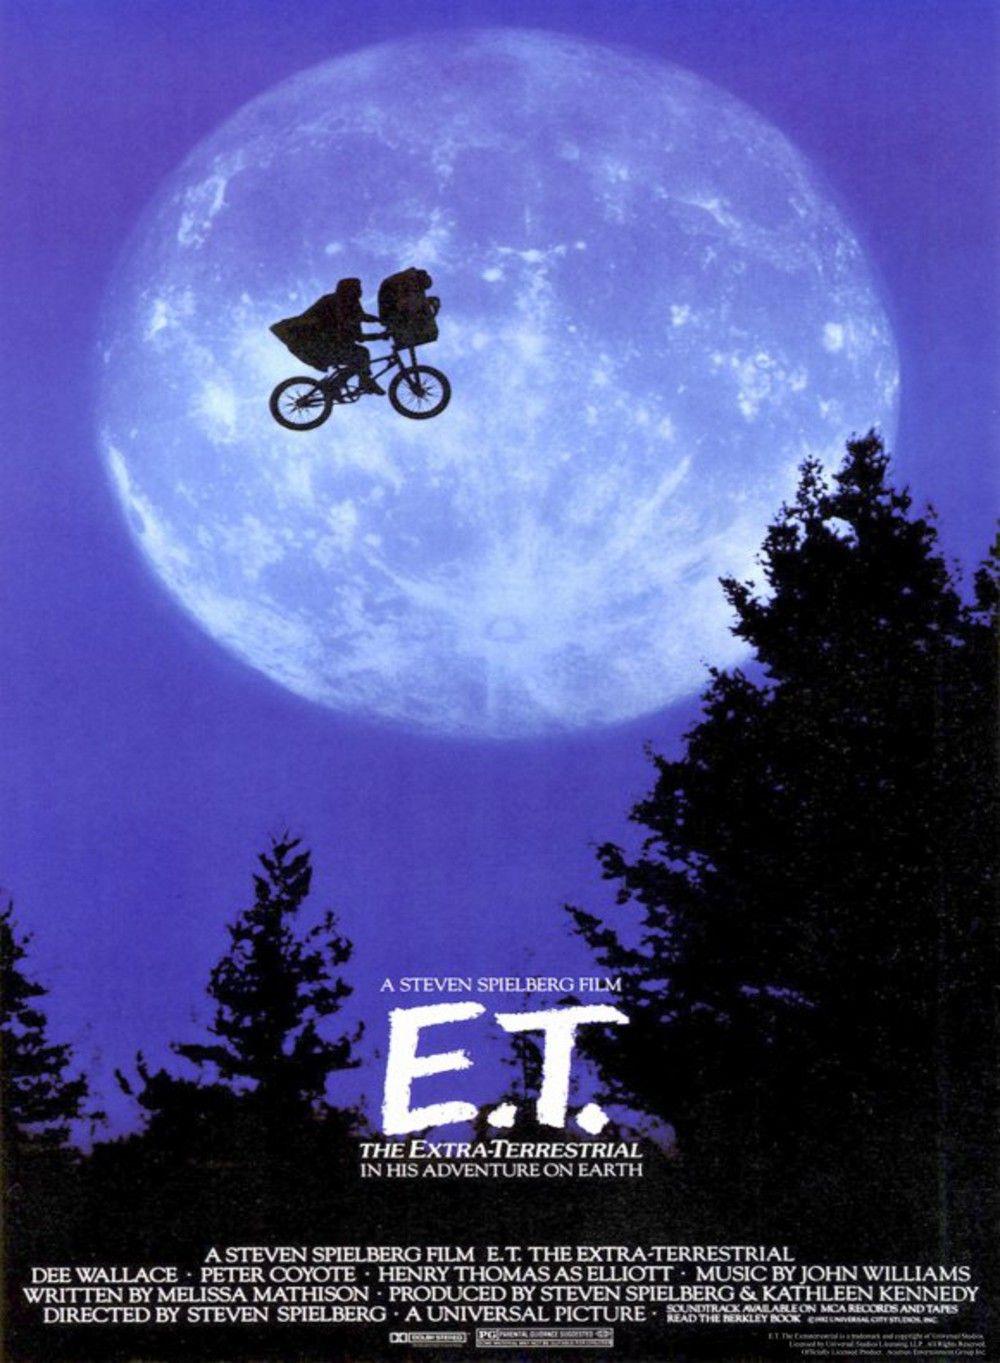 Affiches Posters Et Images De E T L 39 Extra Terrestre 1982 Films Retro Vieux Film Film